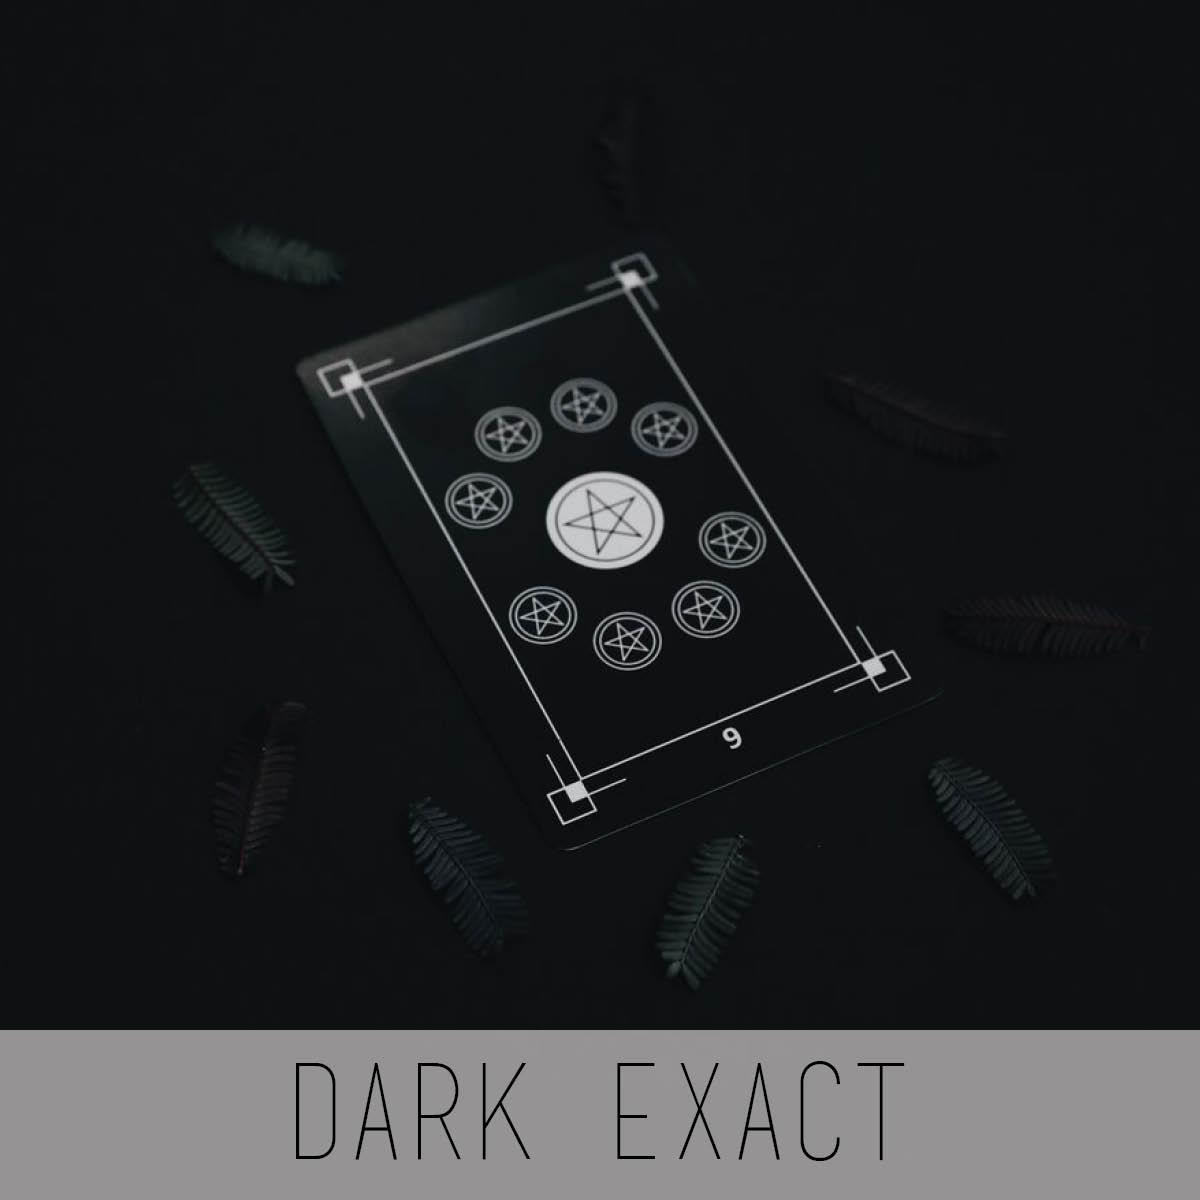 dark exact.jpg